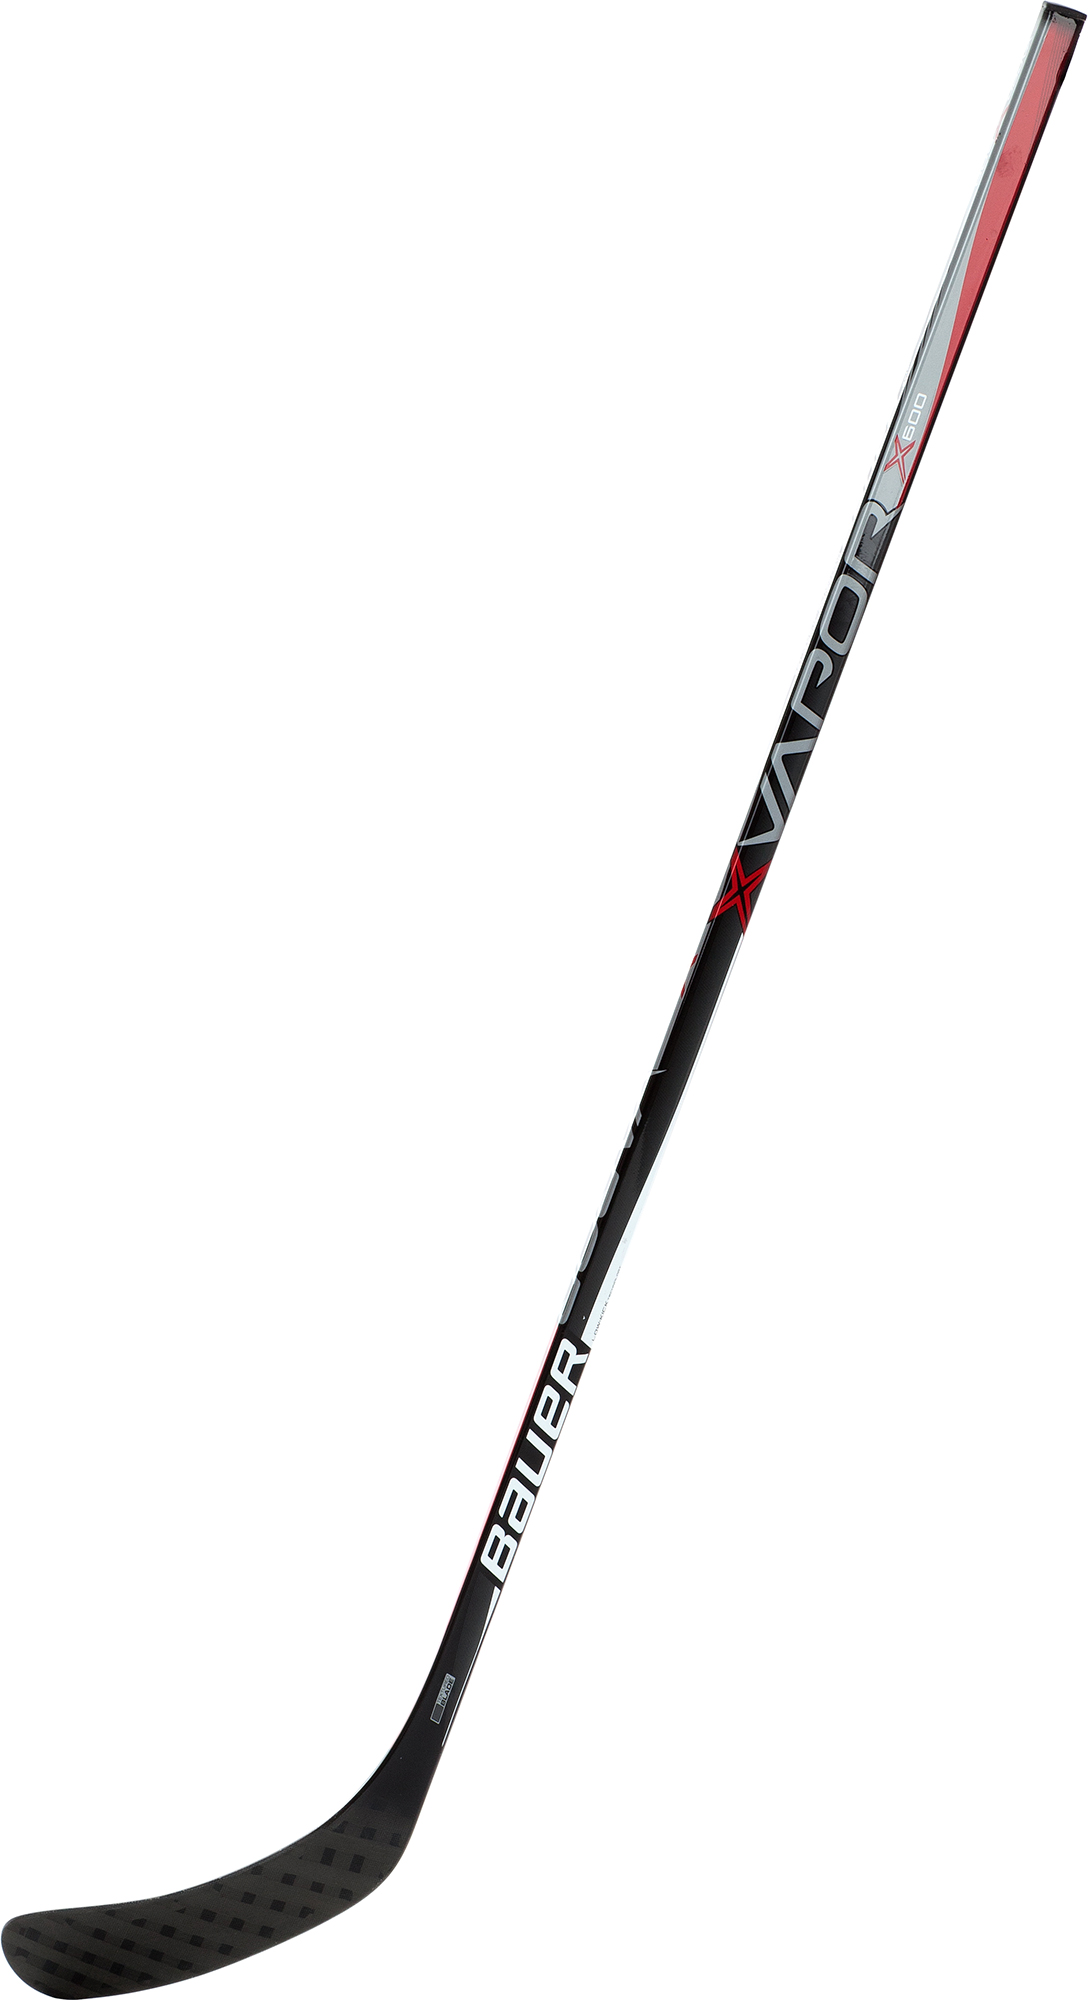 Bauer Клюшка хоккейная детская Bauer S16 Vapor X 600